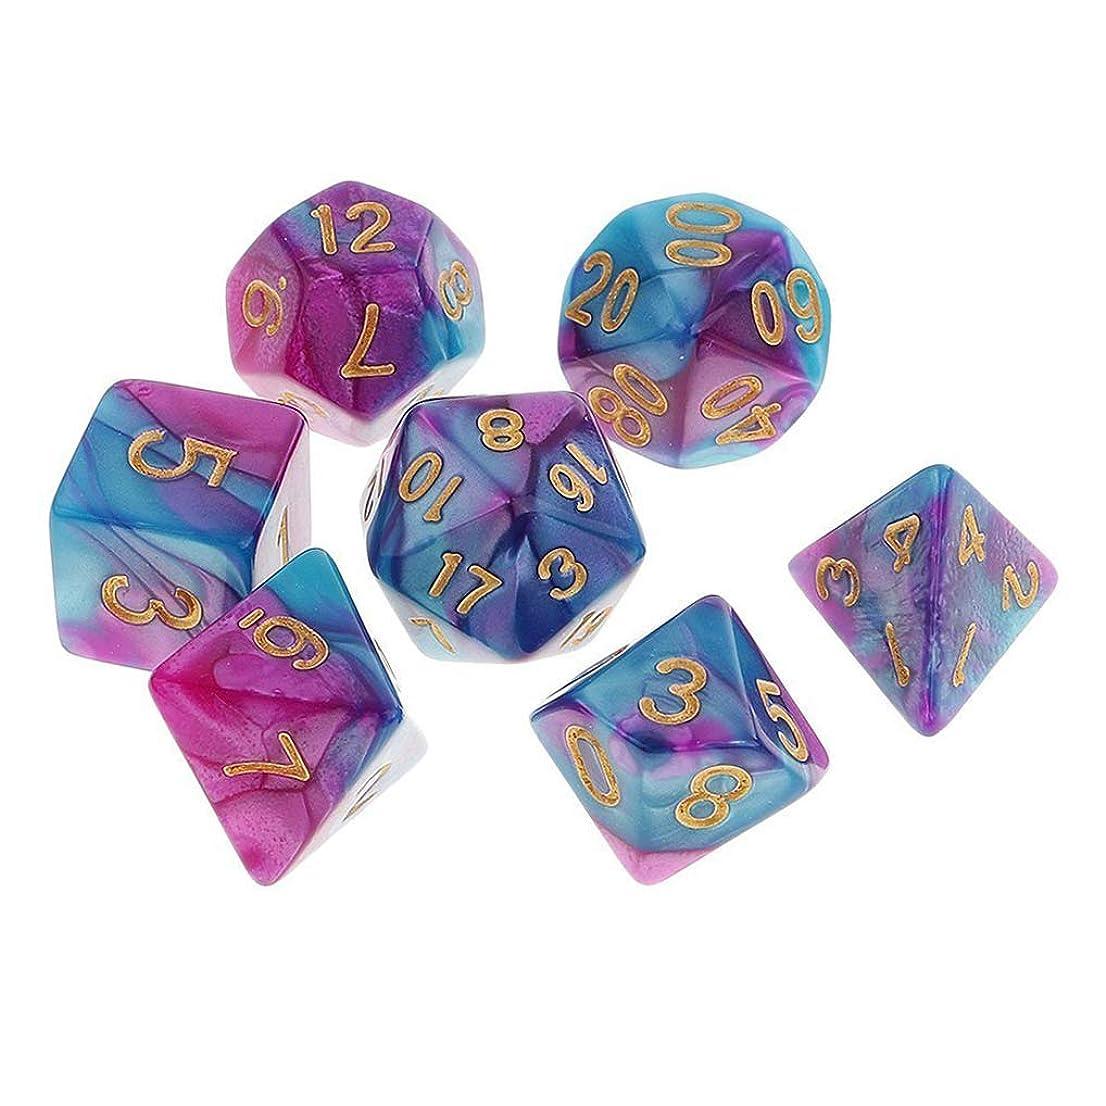 注意アンデス山脈石油Yourandoll 7個 多面体のダイス サイコロ 2色 16mm D20 D12 D10 D8 D6 D4 Dungeons and Dragons 、DND、 TRPG、 MTGなどテーブルゲーム用 パープルブルー